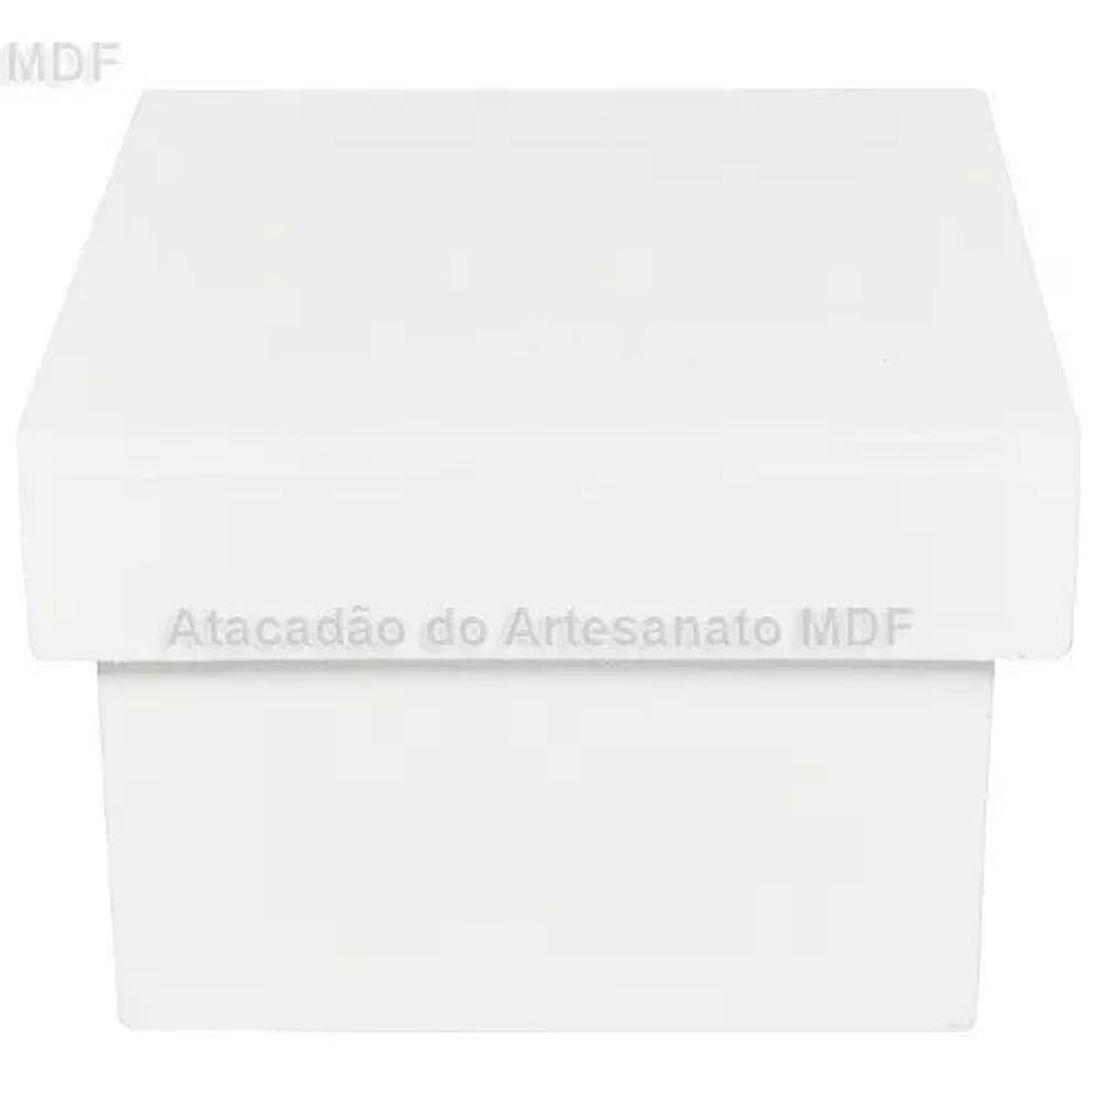 Caixa-Quadrada-Tampa-Sapato-Pintado-7x7x5-Mdf-Madeira